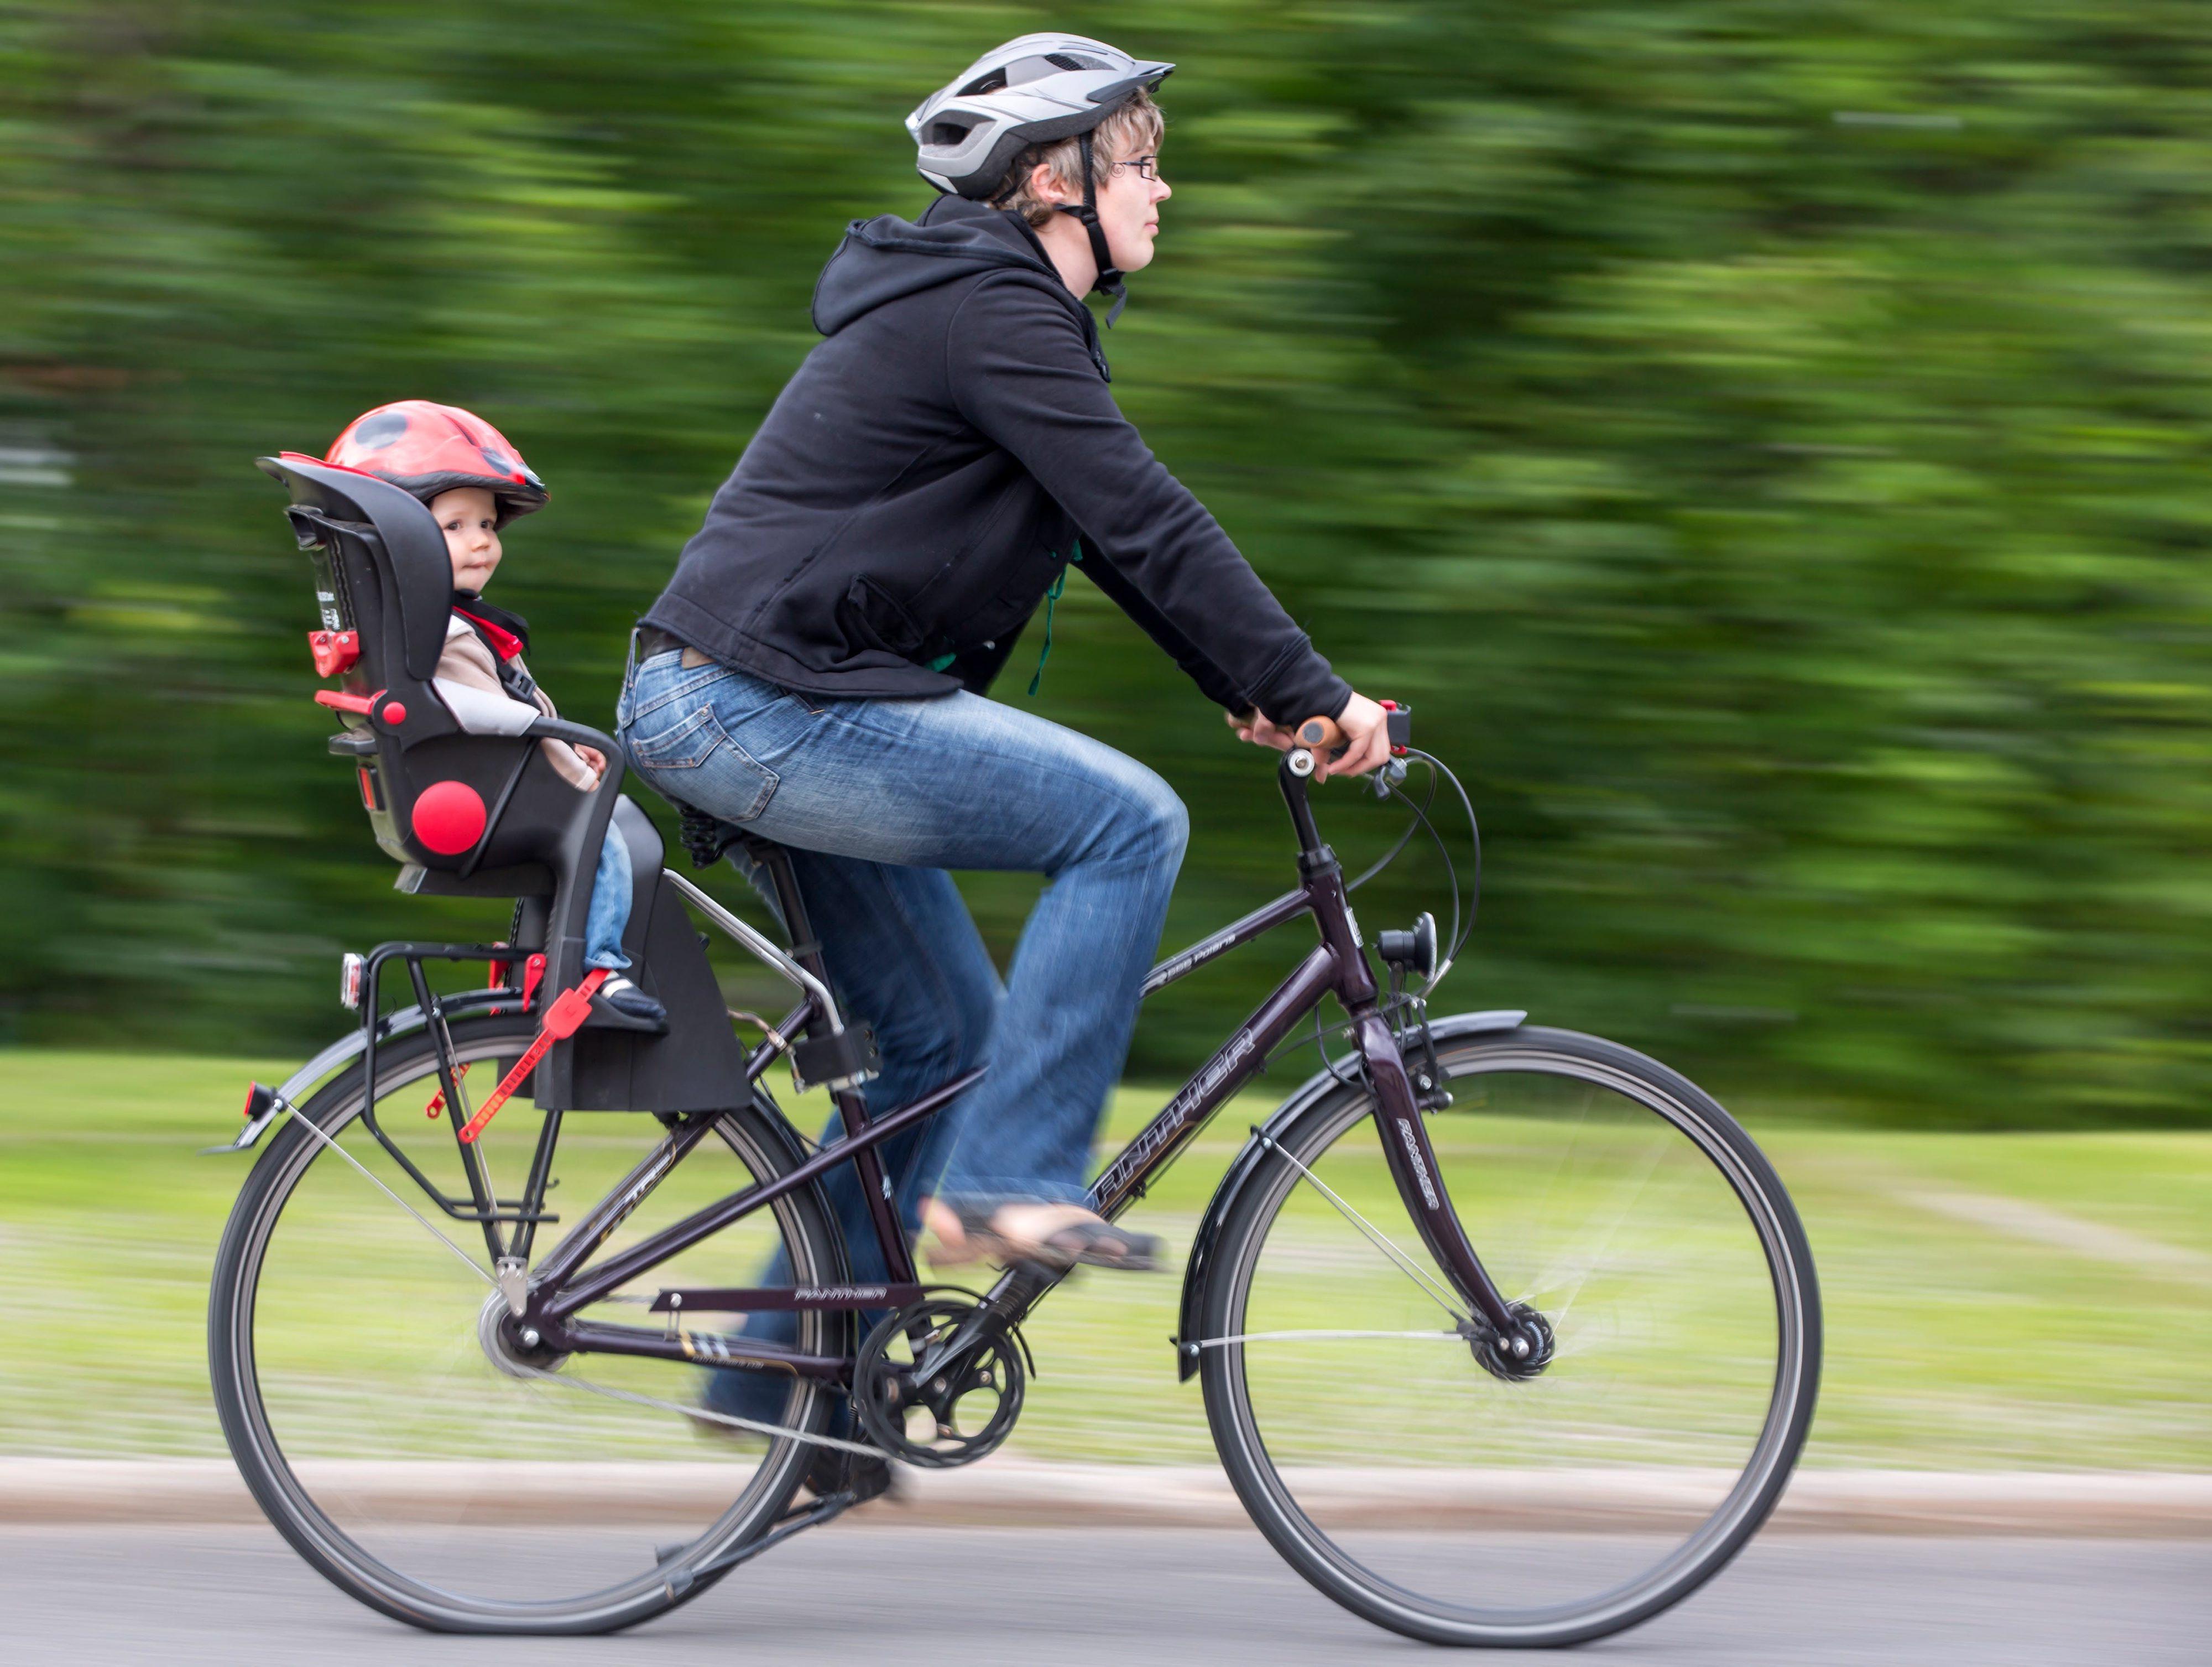 Женщина едет на велосипеде с ребенком на заднем кресле